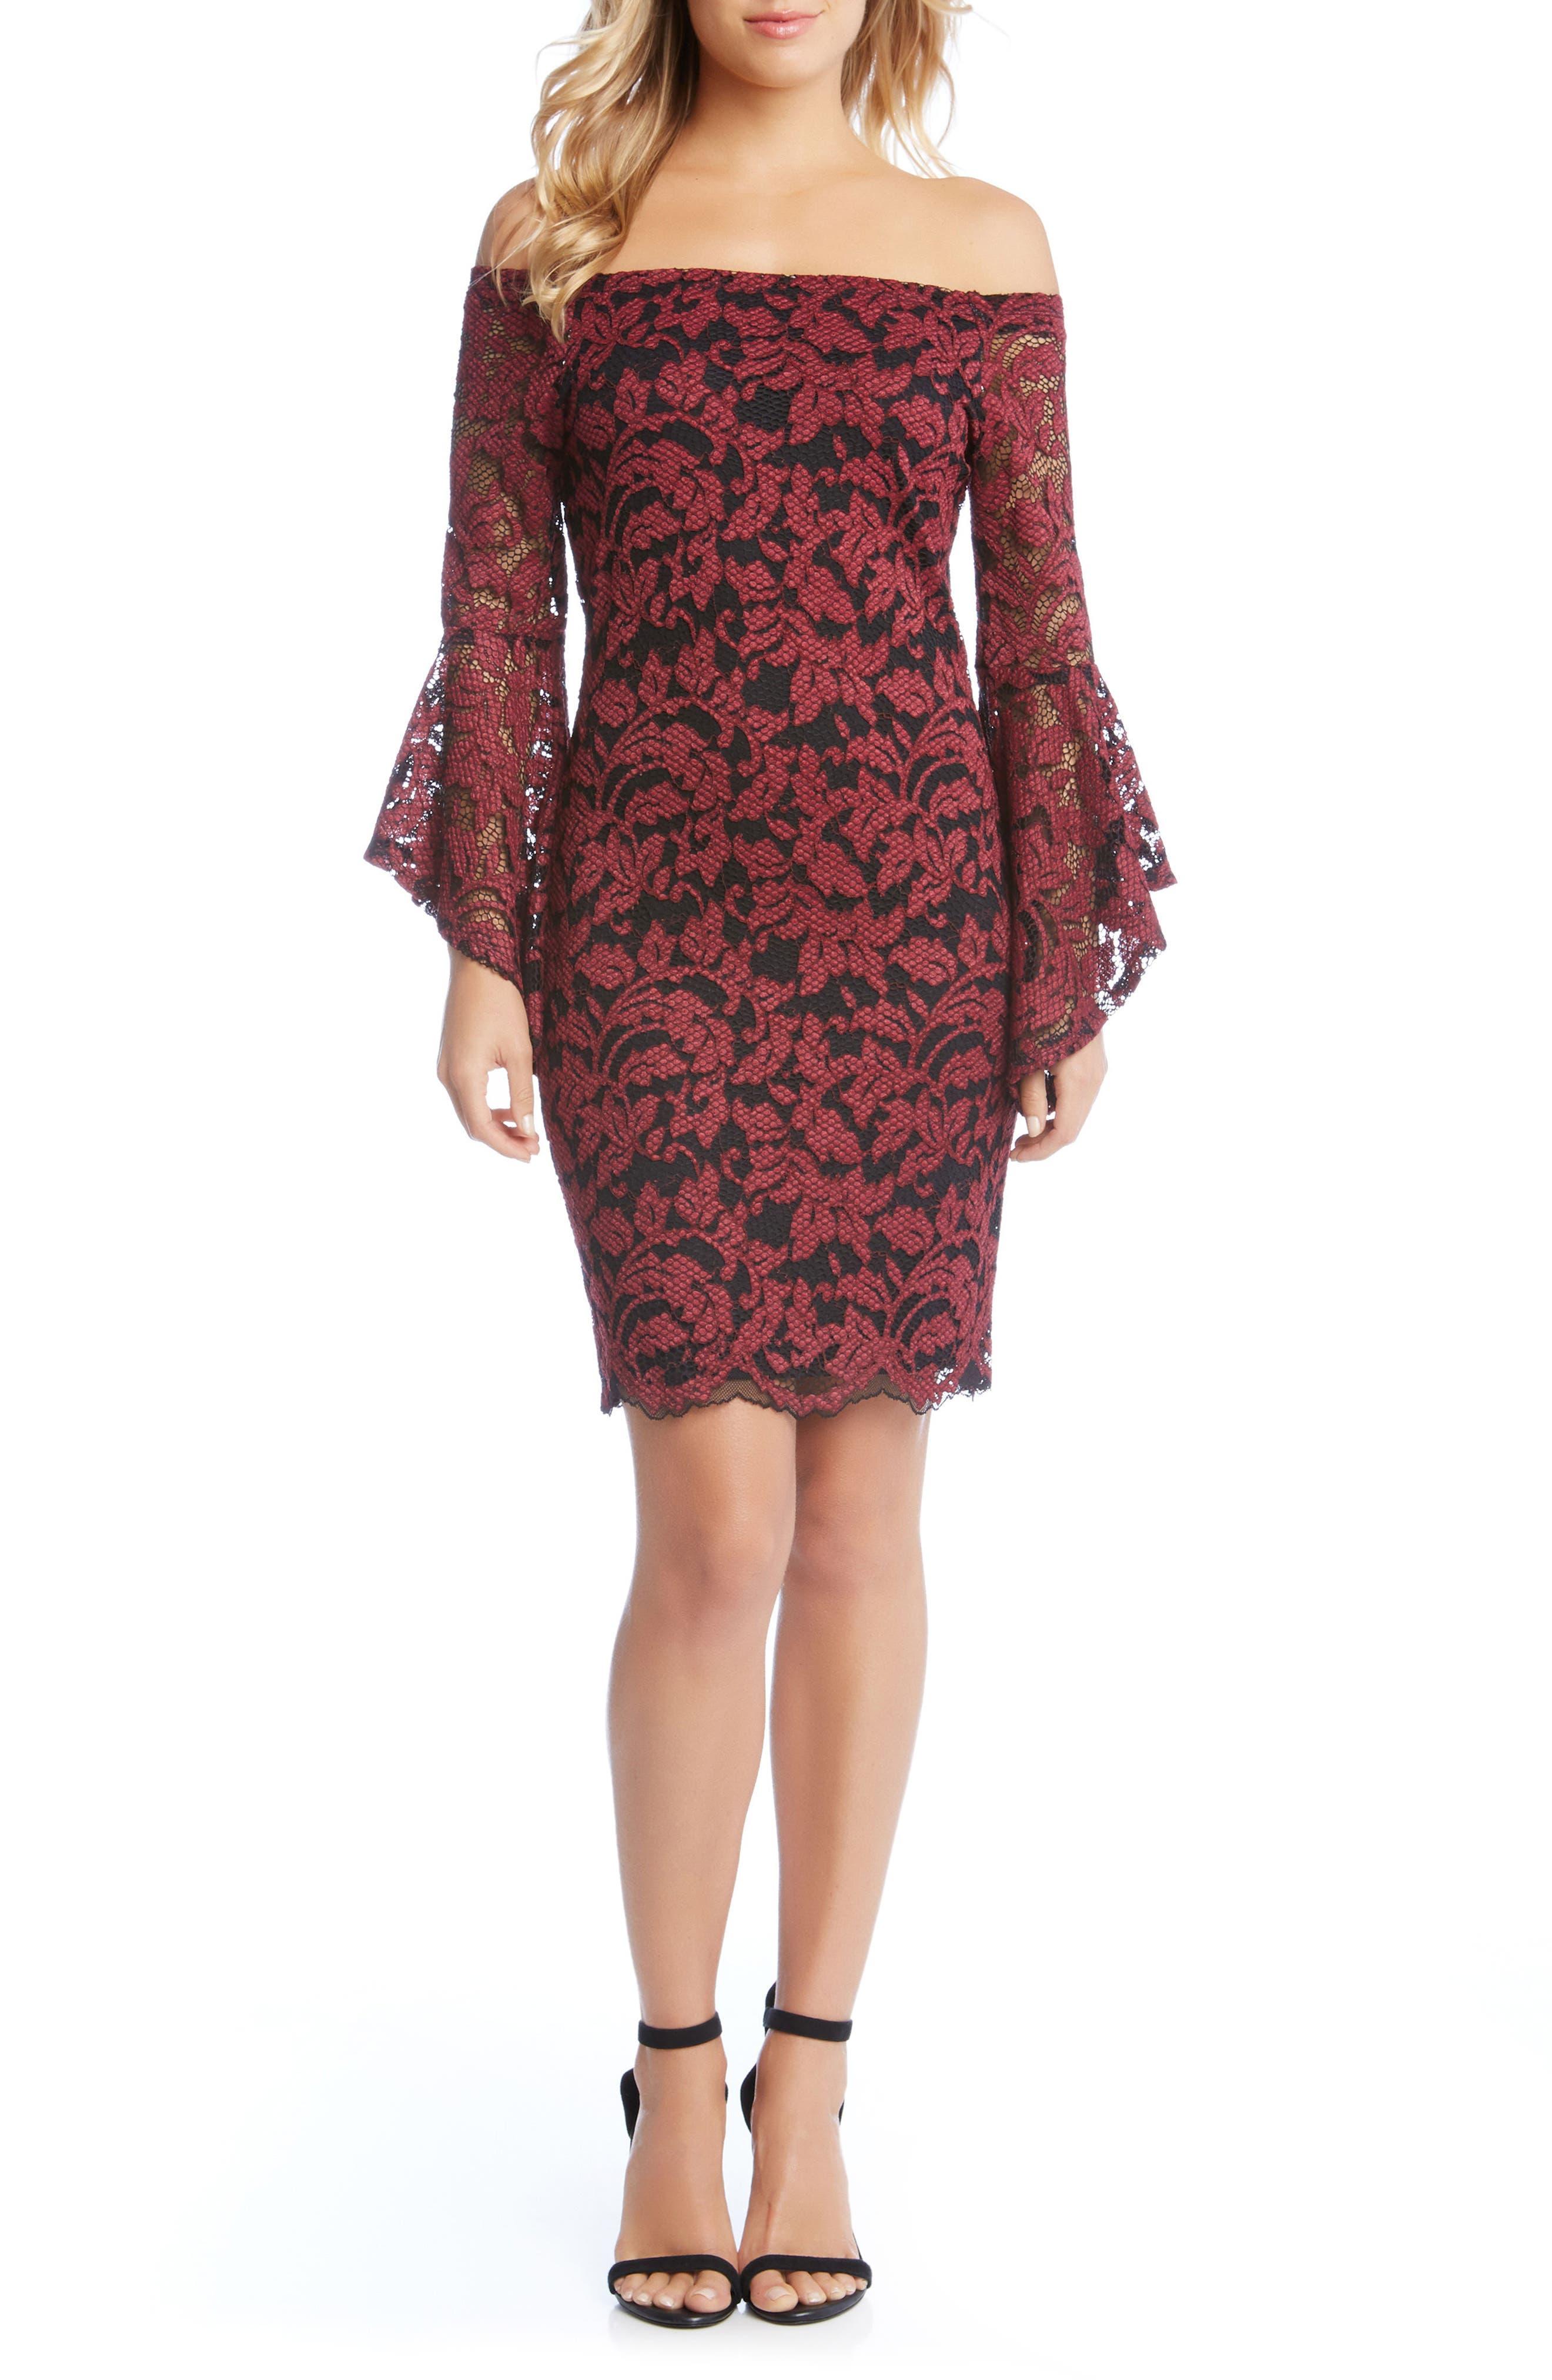 Karen Kane Samantha Off the Shoulder Lace Dress